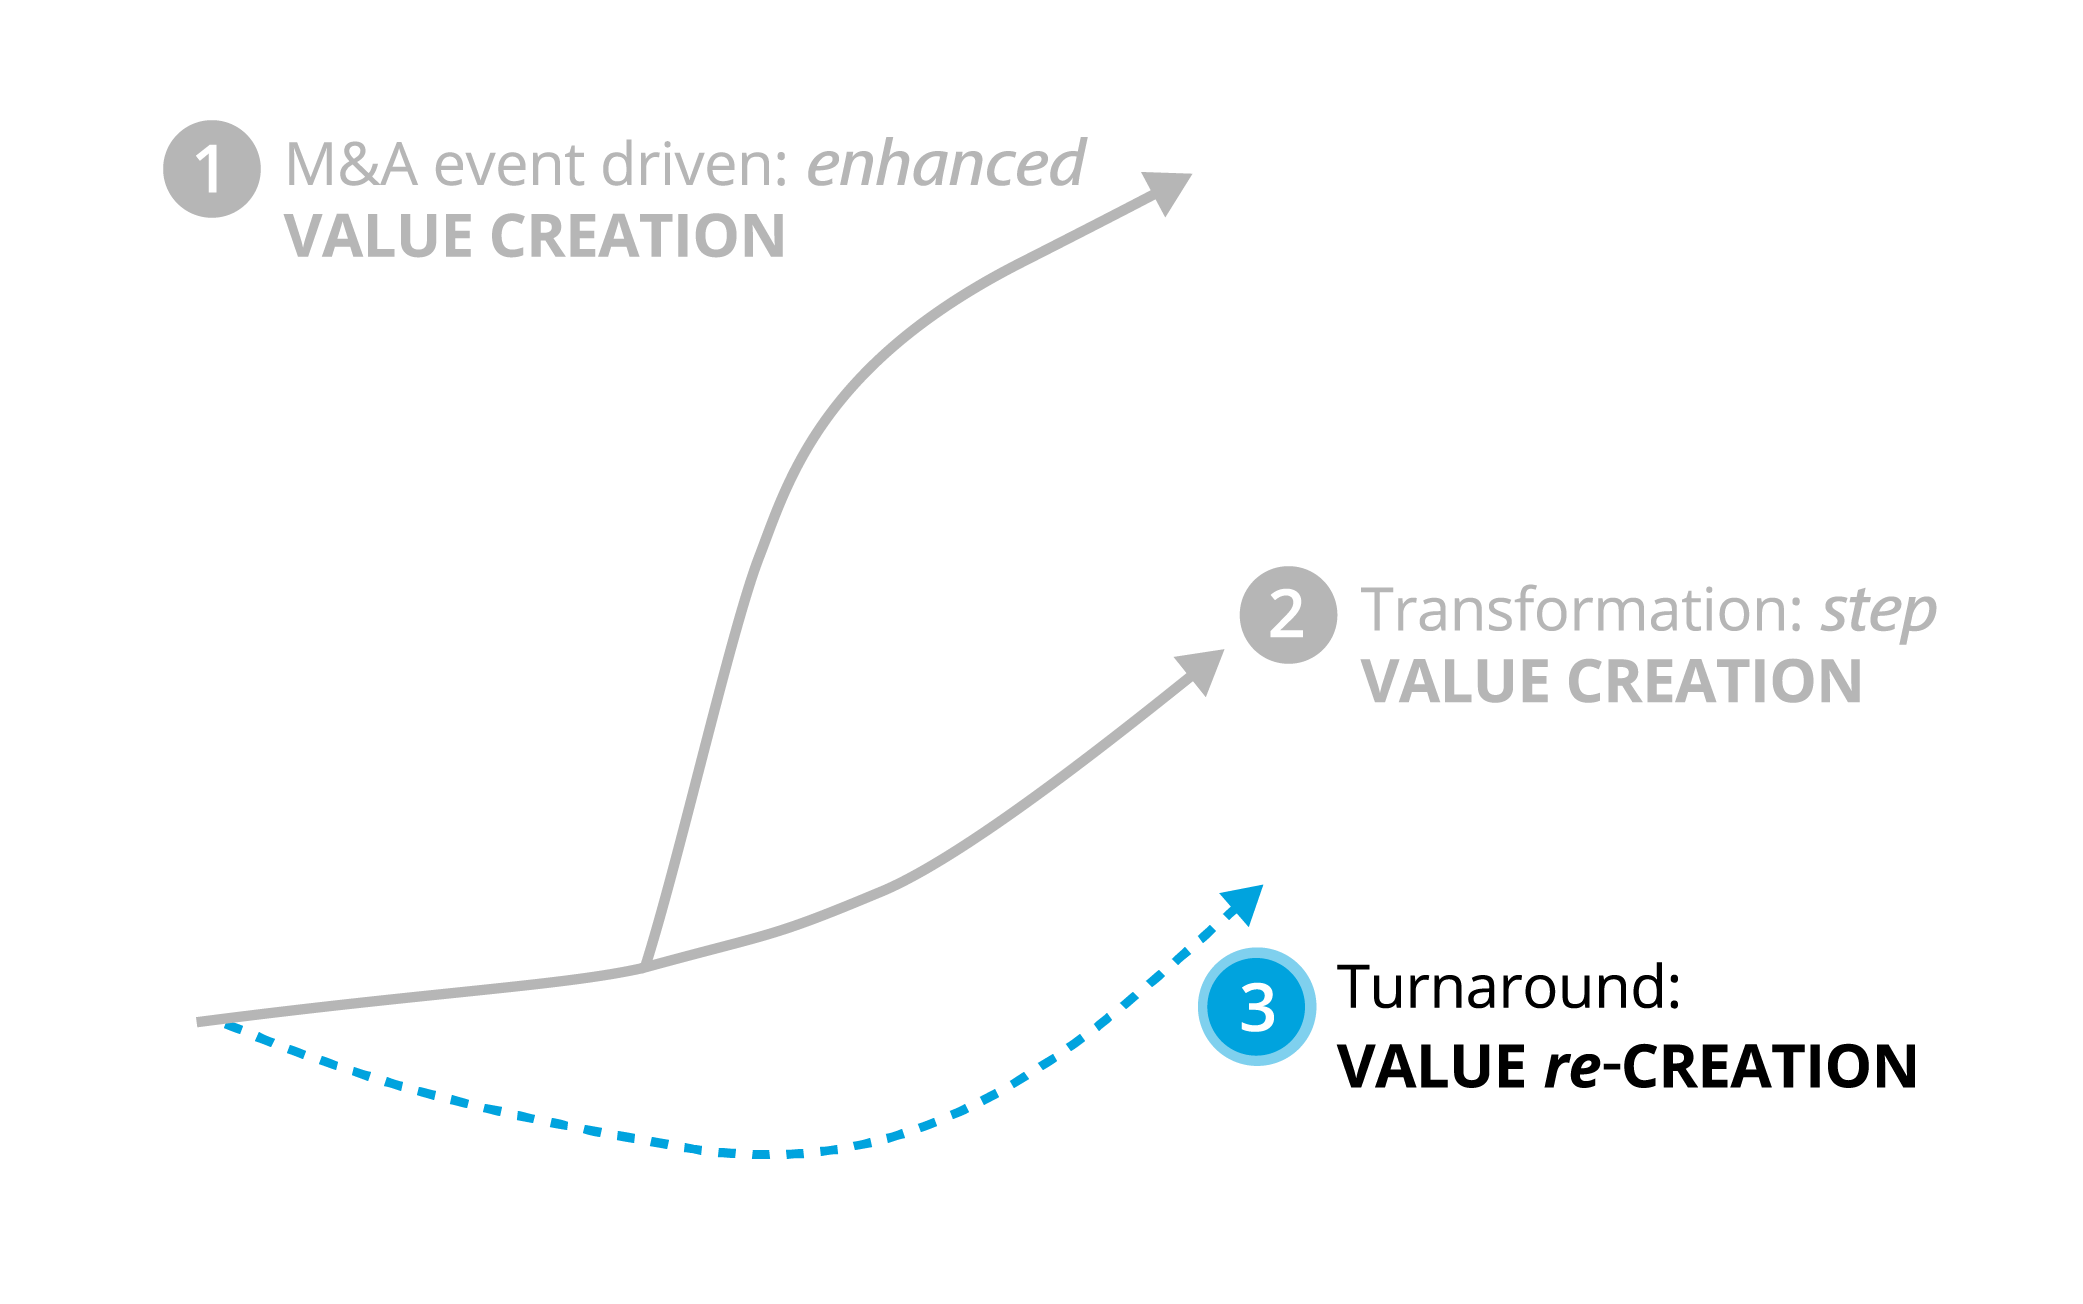 Value creation services | Deloitte | Services